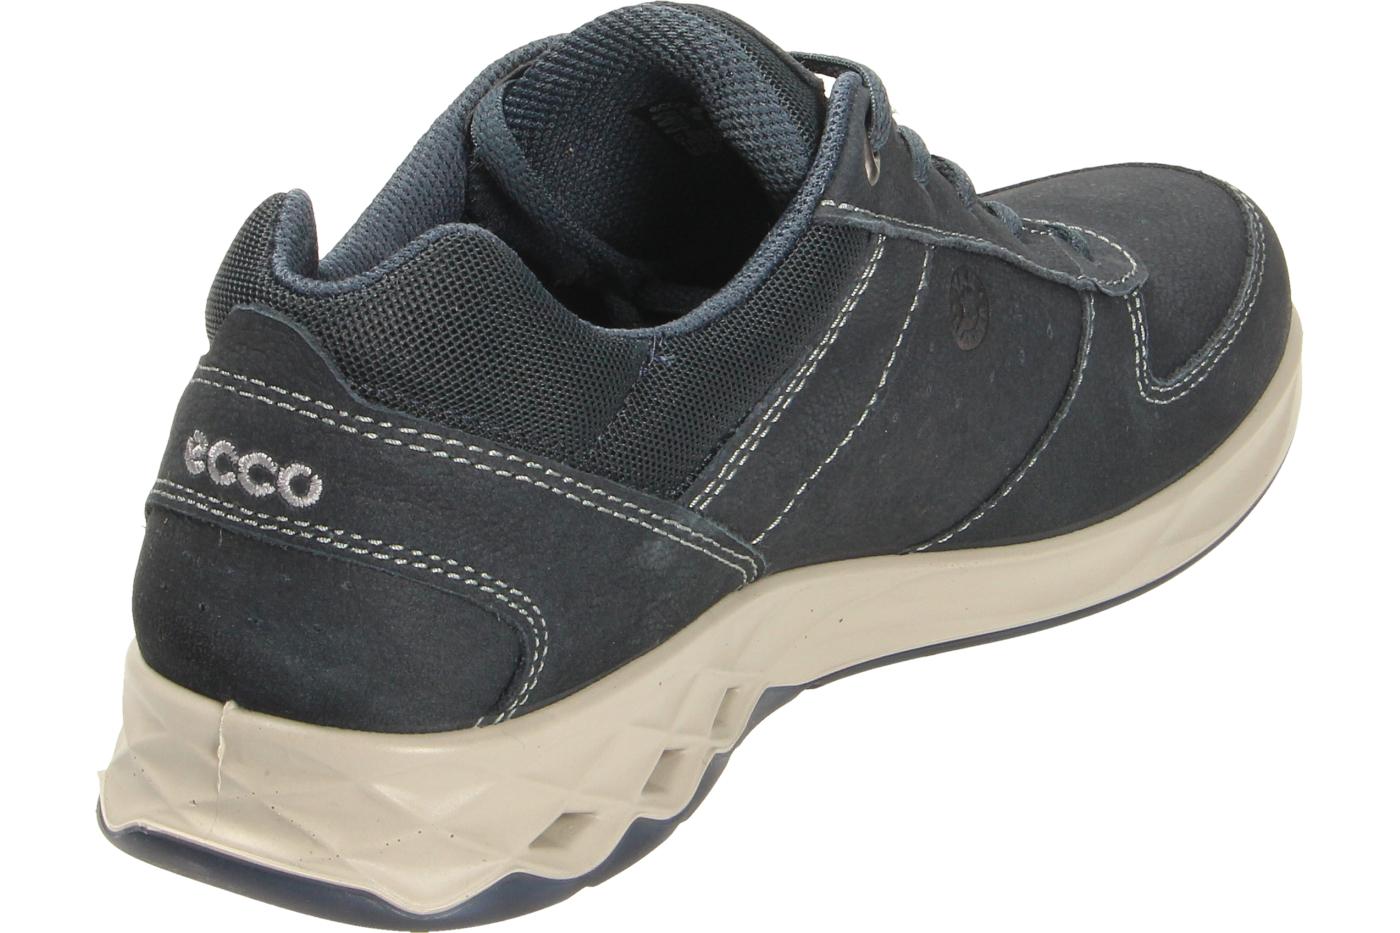 ECCO WAYFLY HERREN Sneaker Turnschuhe Schnürschuhe